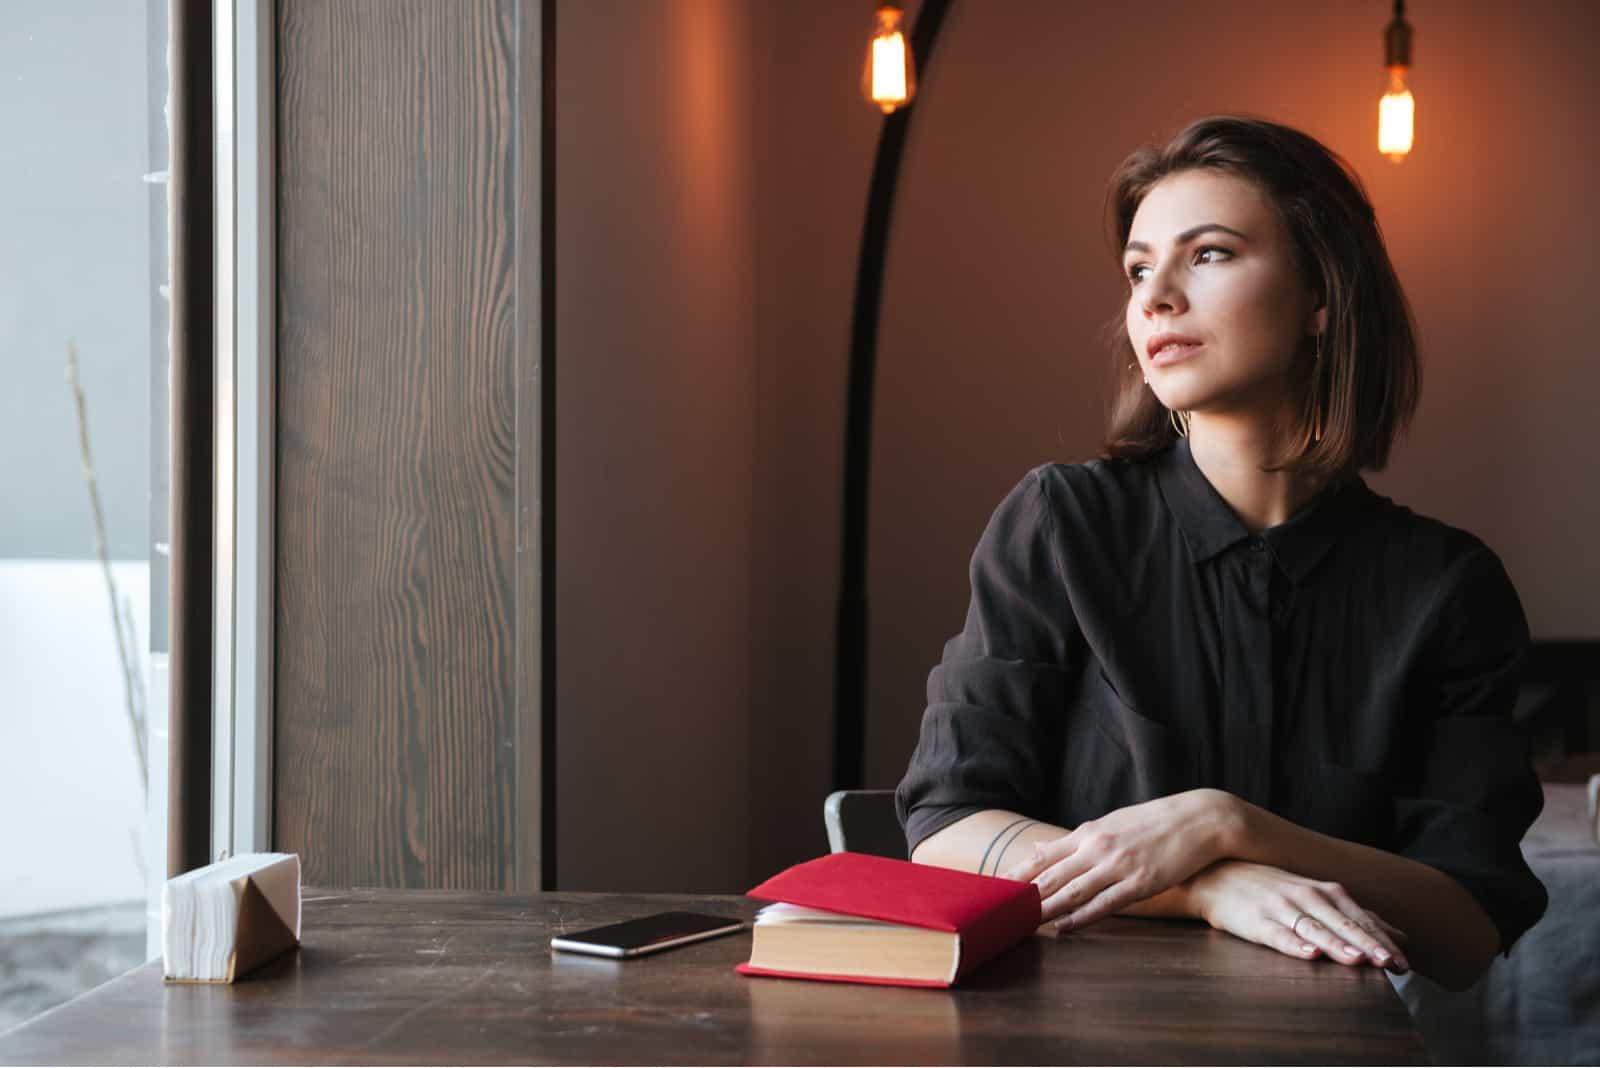 Frau sitzt am Tisch in der Nähe von Buch und Telefon im Café